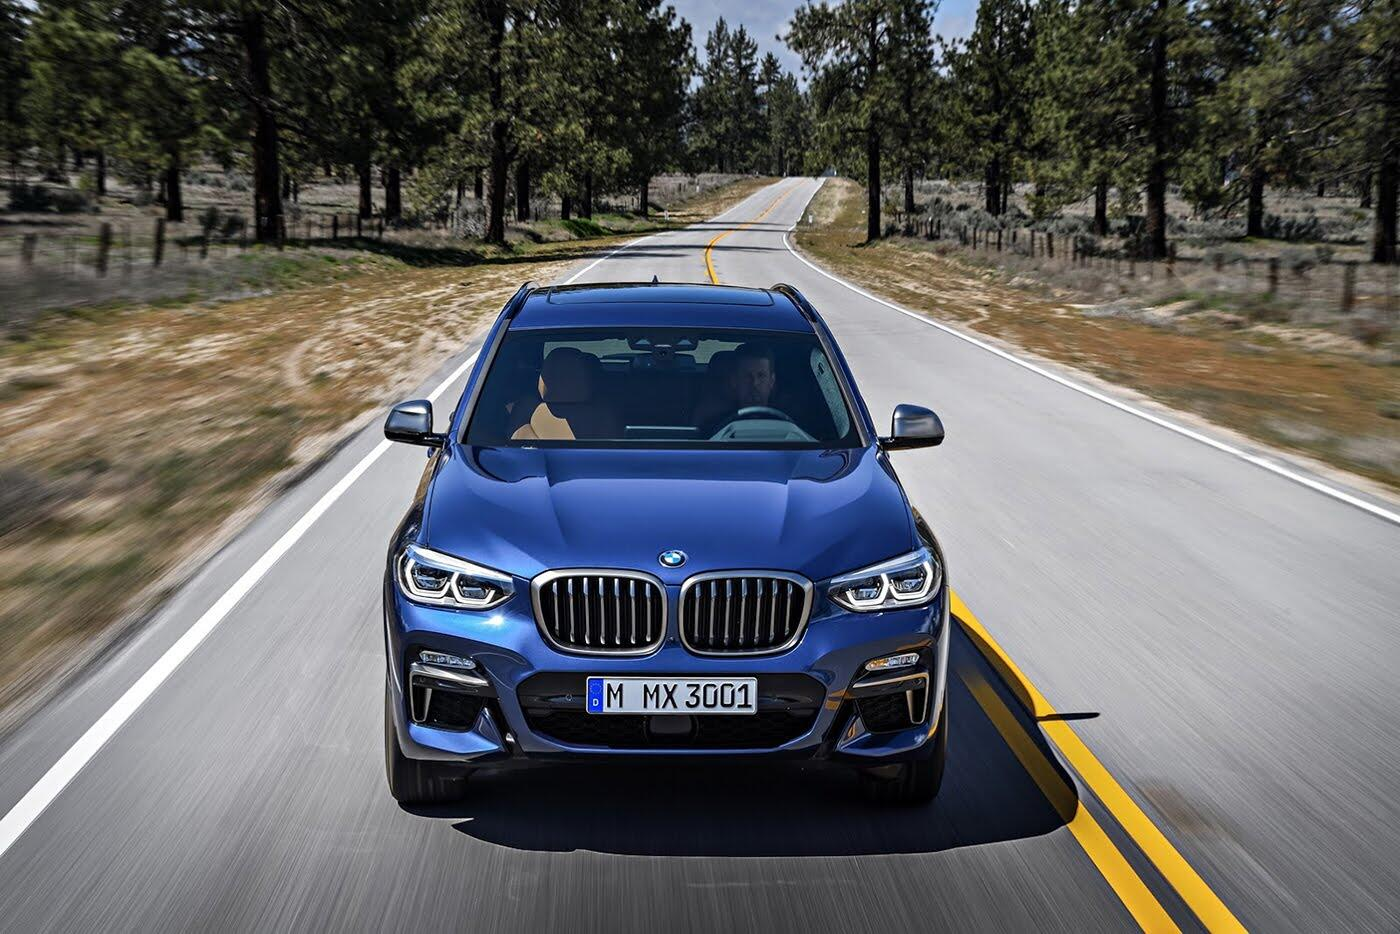 Ảnh chi tiết BMW X3 2018 hoàn toàn mới - Hình 10